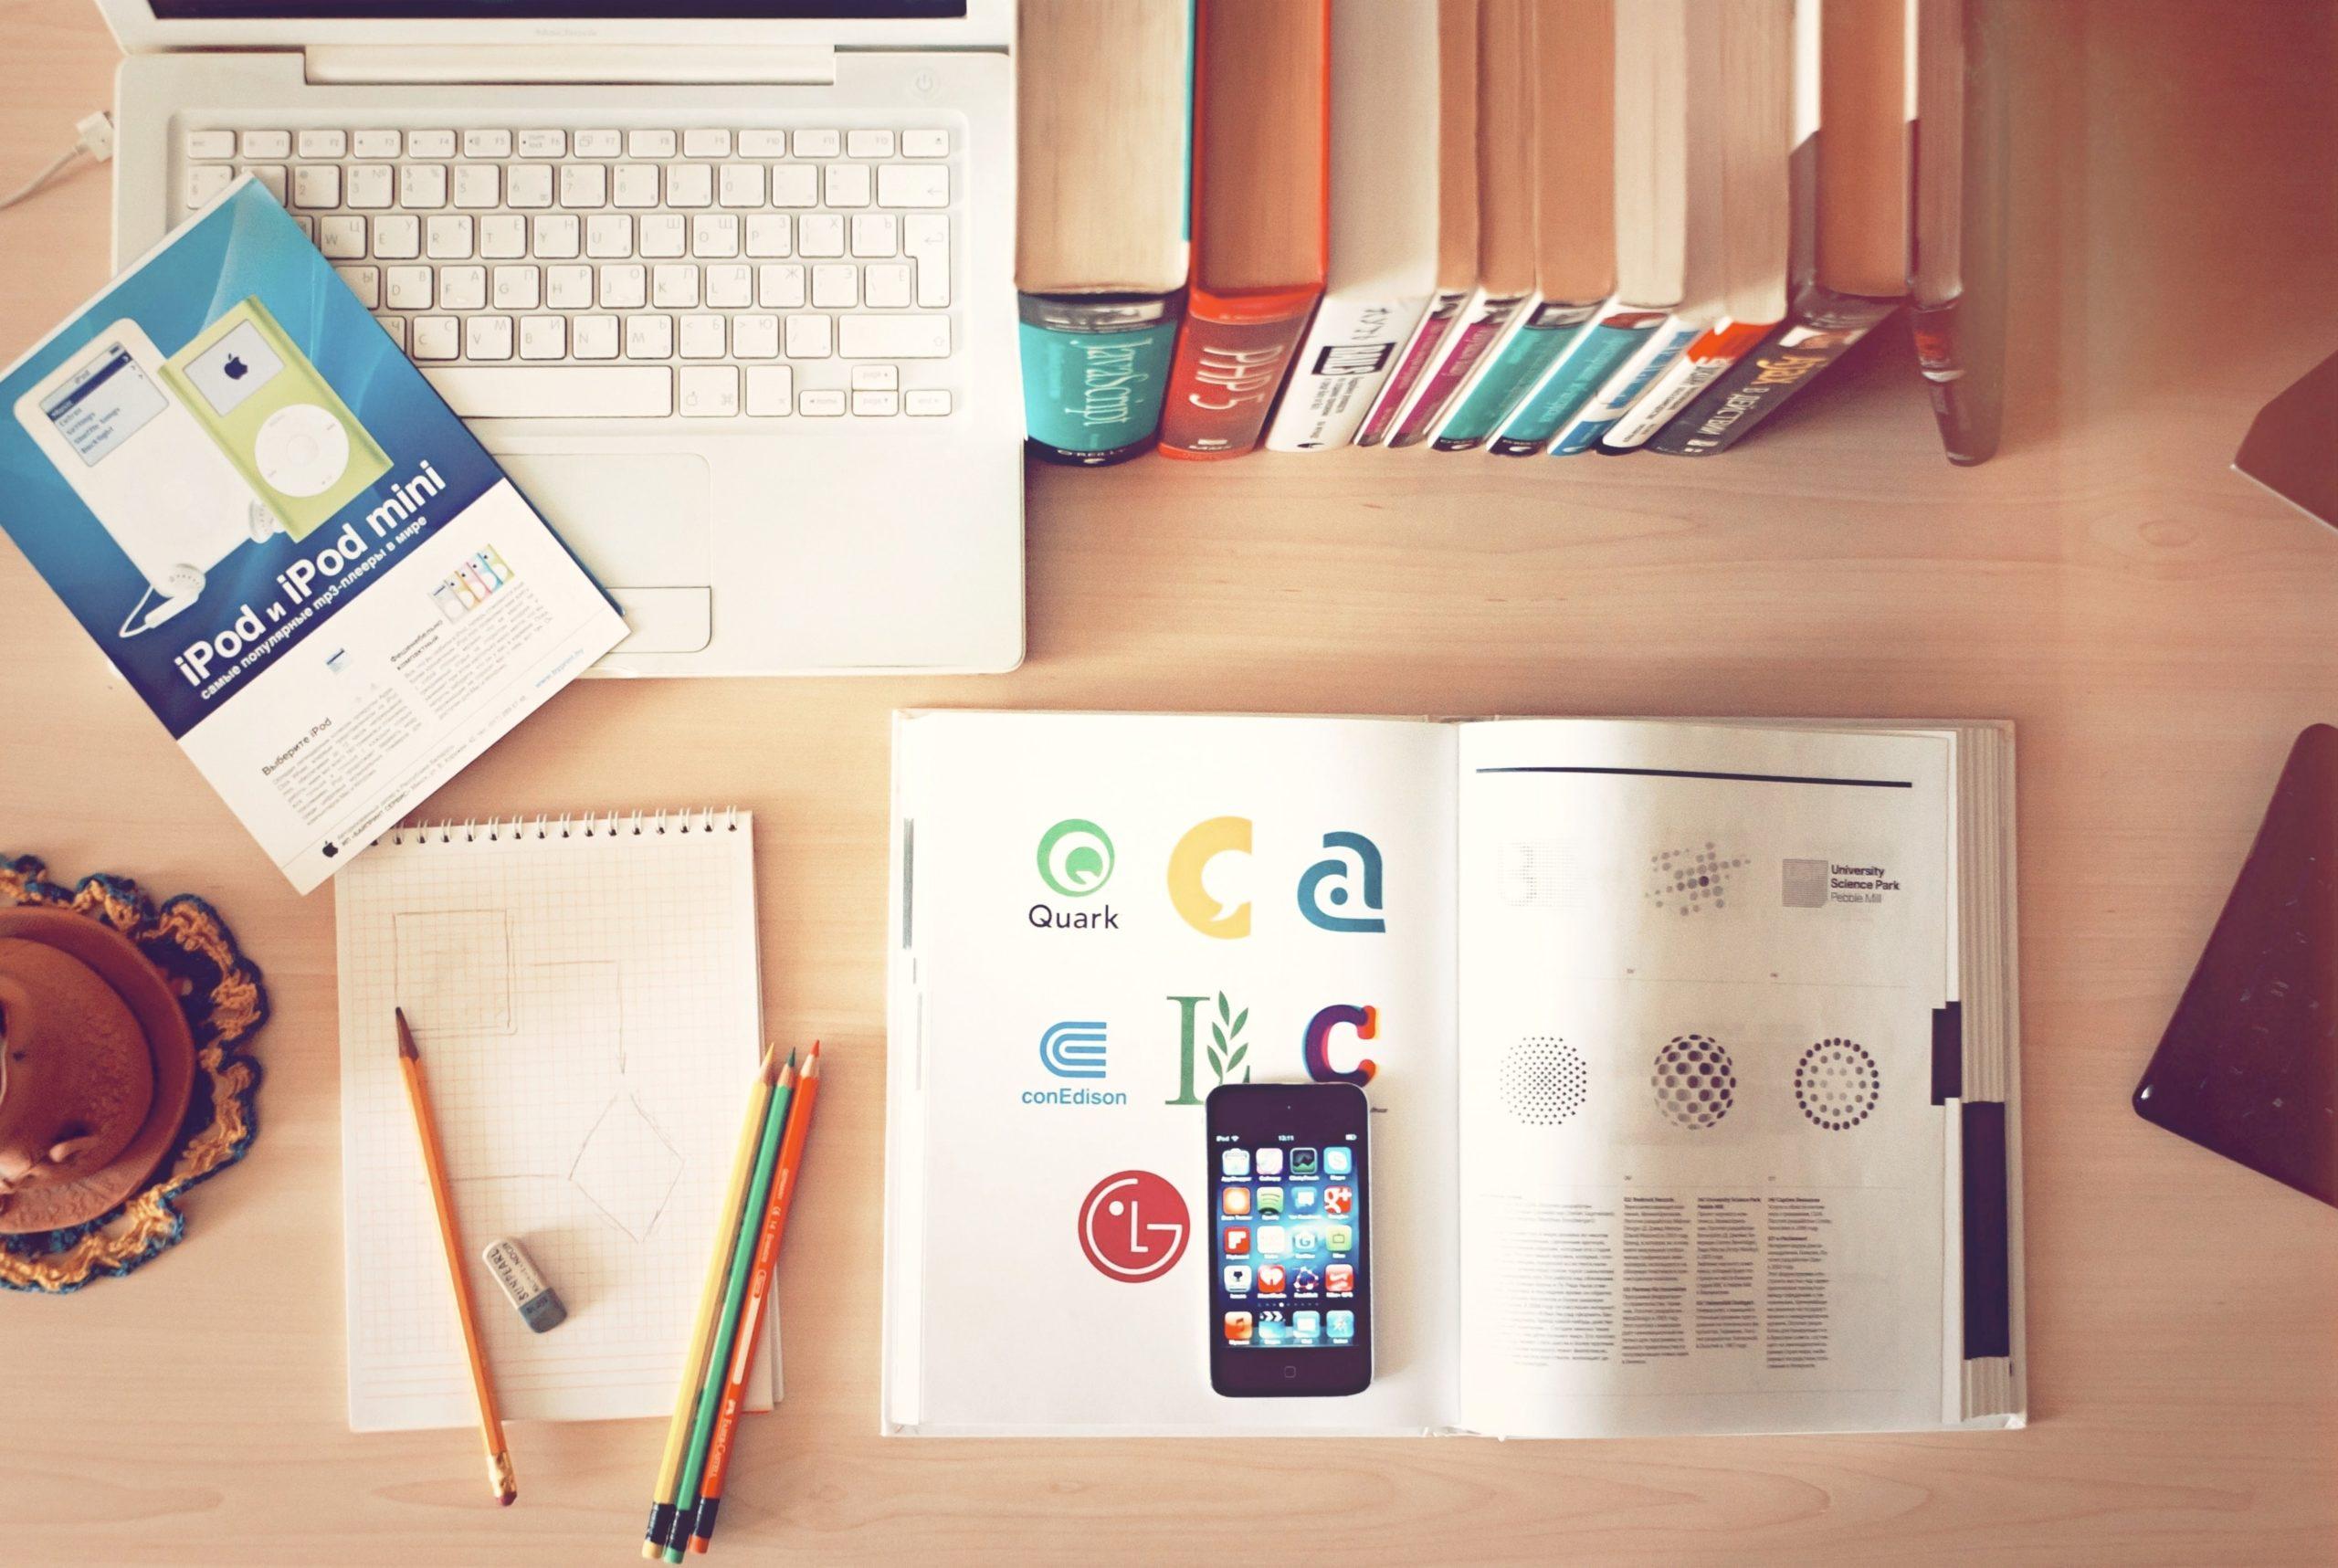 marketing digital y traducción, traducción y marketing digital, traducción y marketing